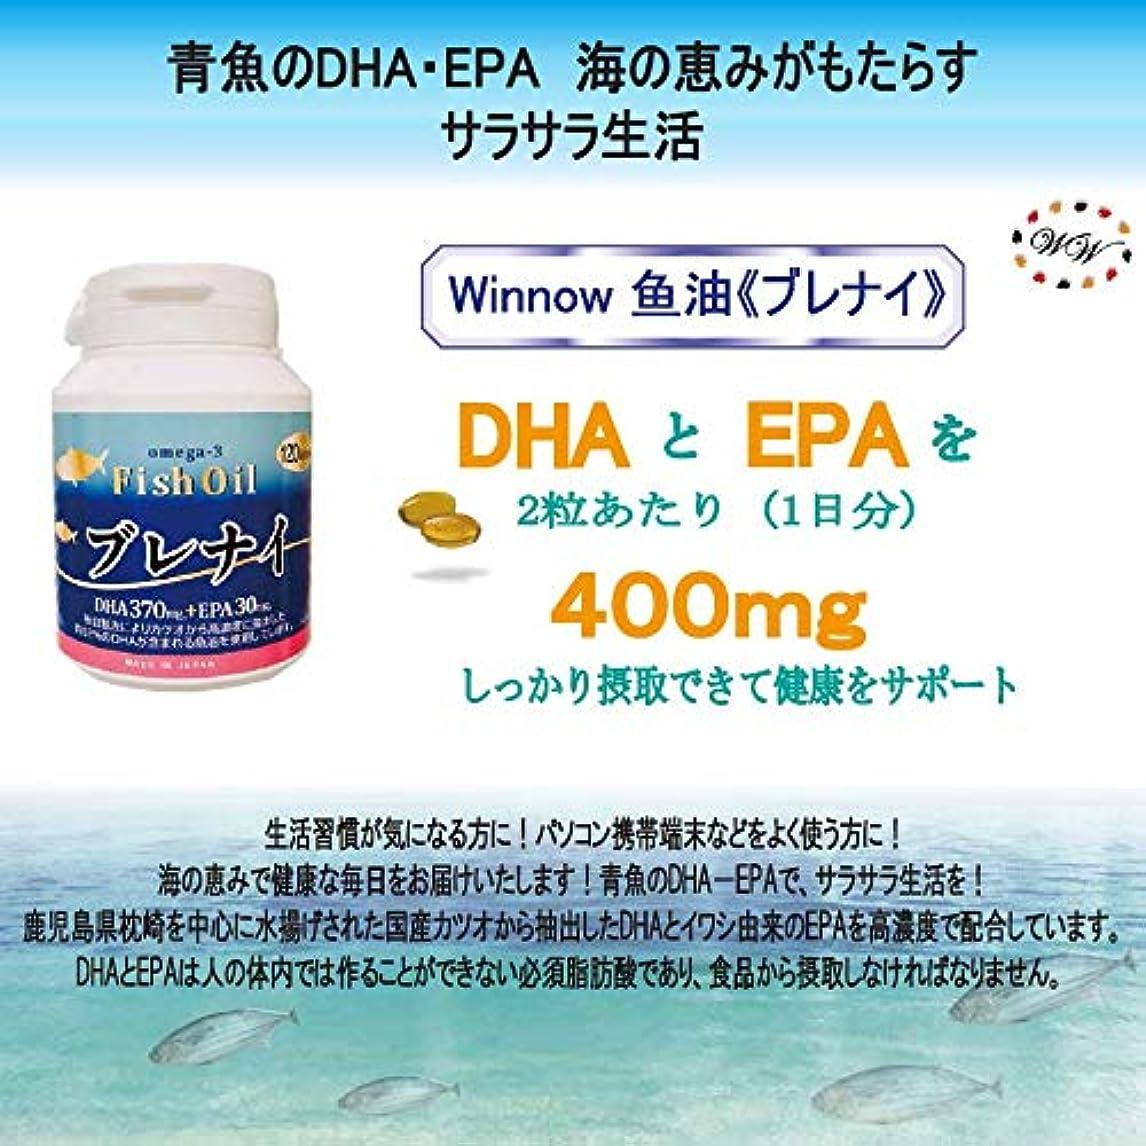 敵対的飛躍ドナーWinnow魚油<ブレナイ> オメガ3脂肪酸 Omega3 Fish oil 日本産高濃度DHA、EPA / 120粒入り